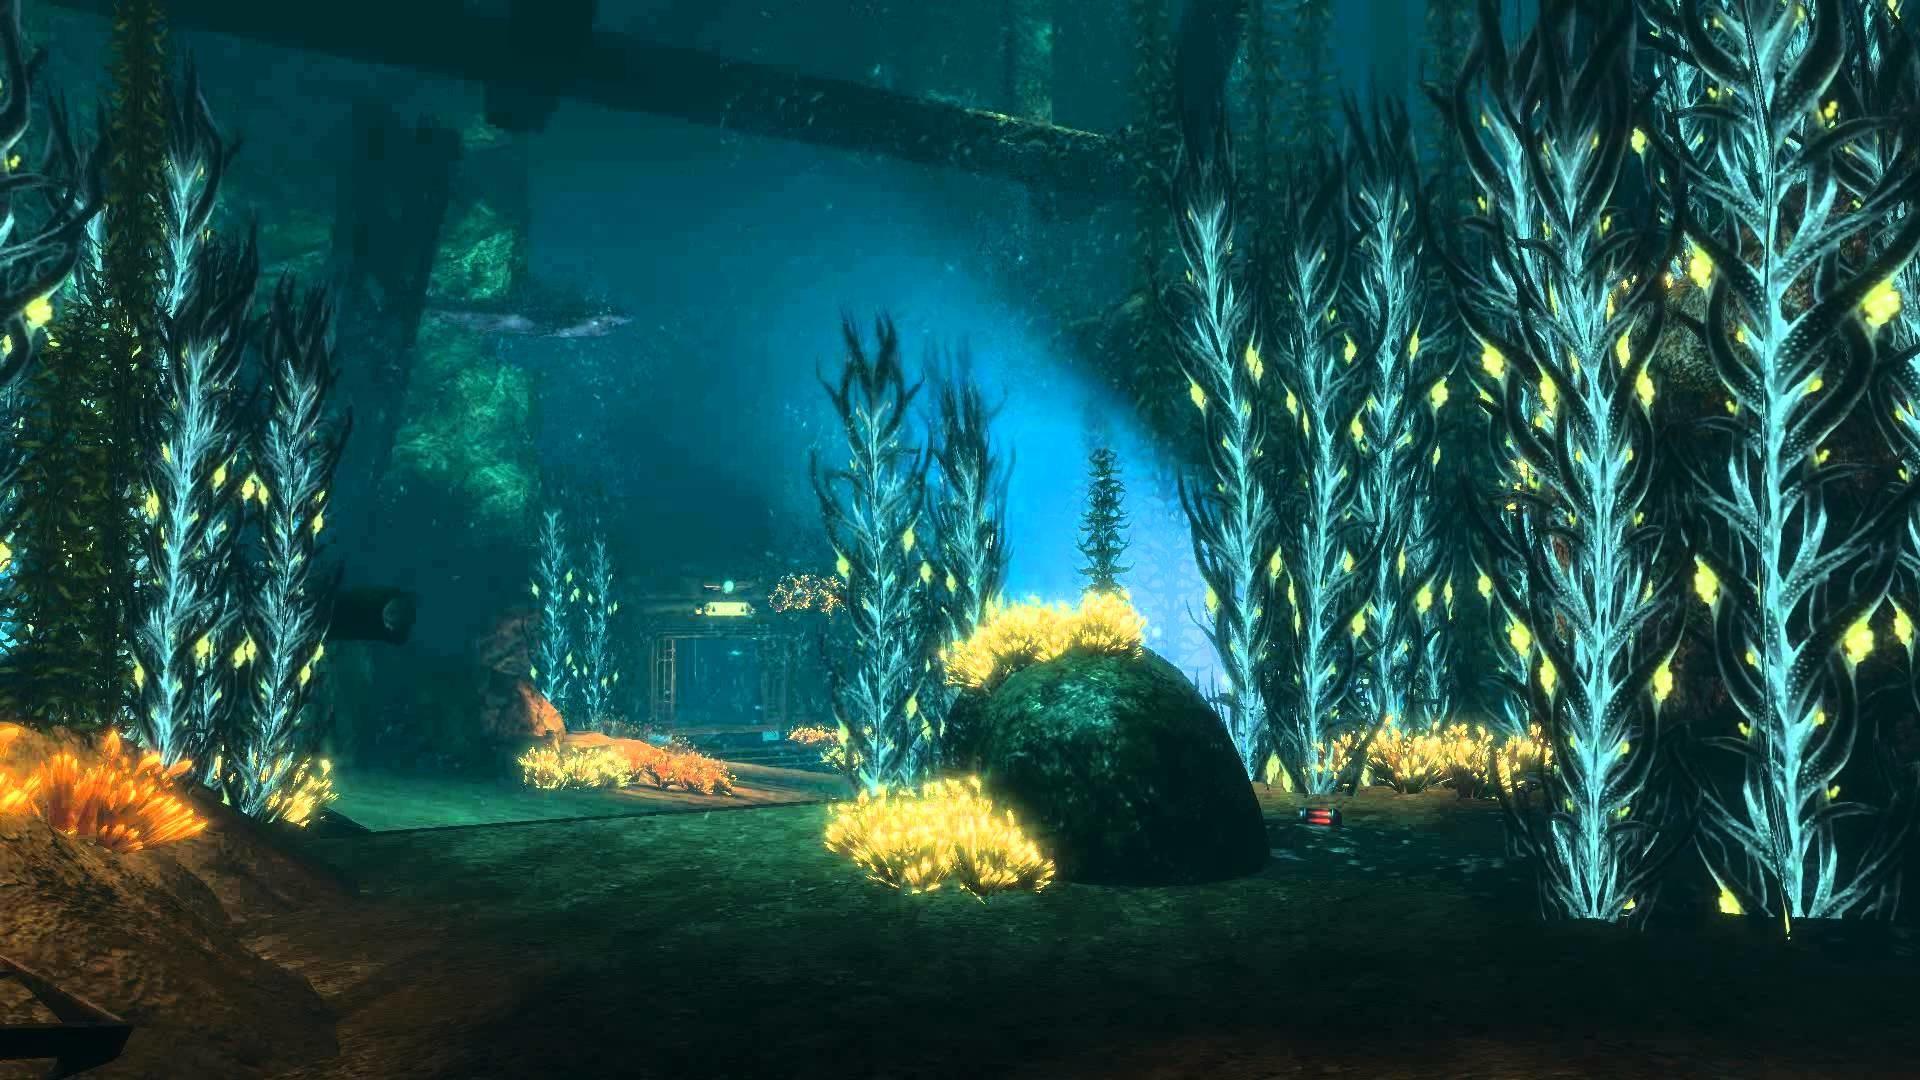 Bioshock 2 – DreamScene [Live Wallpaper] – Shark Scene (1080p) – YouTube